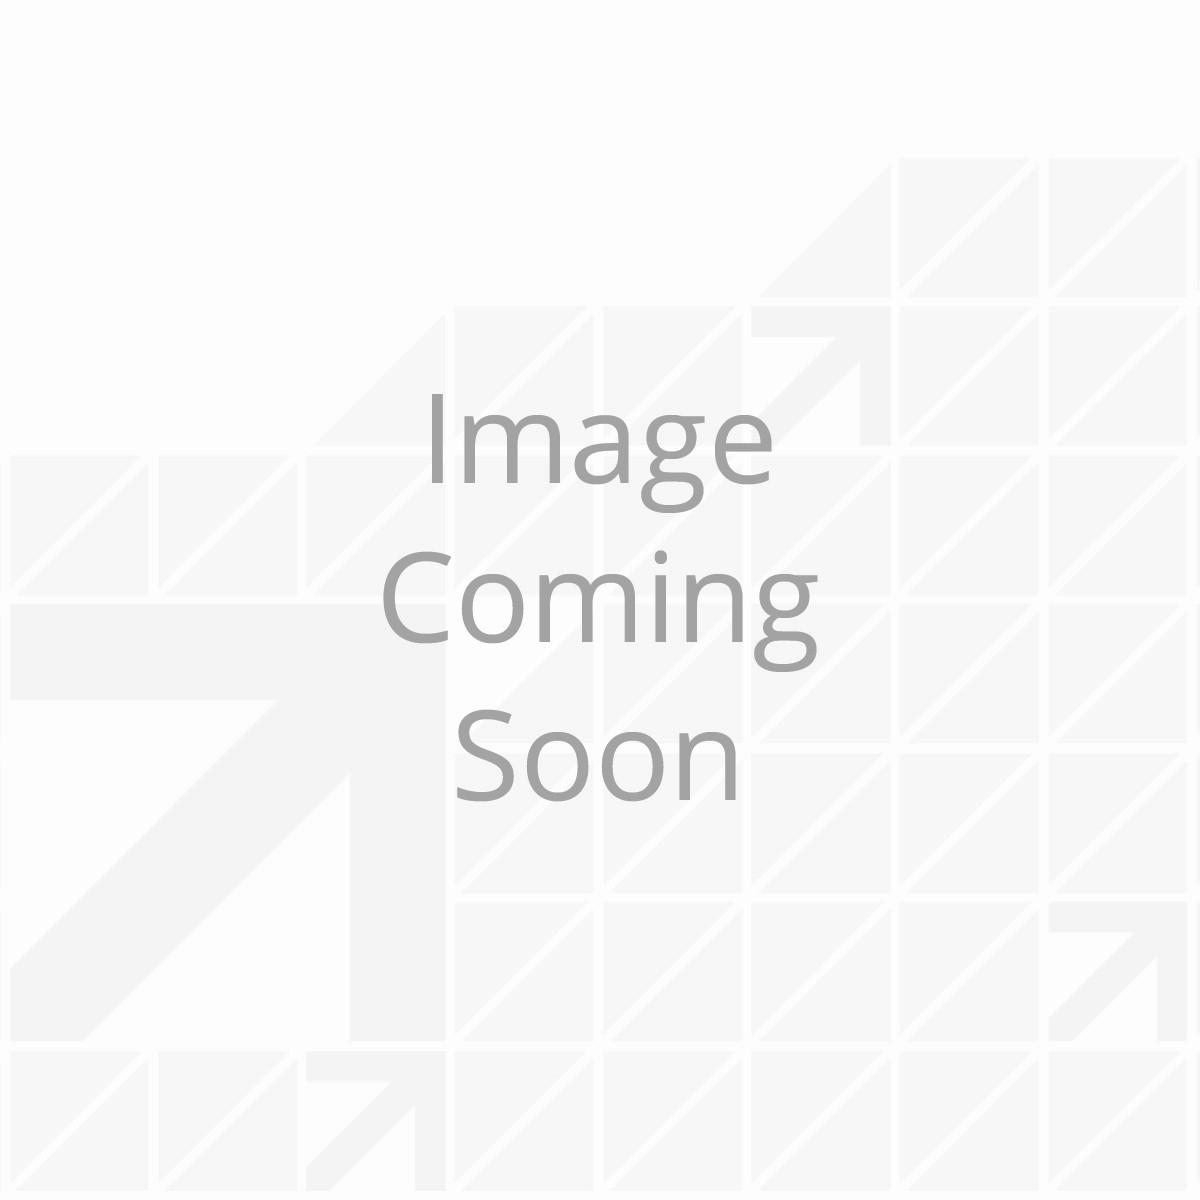 182522_Jack-Drive-Kit_001